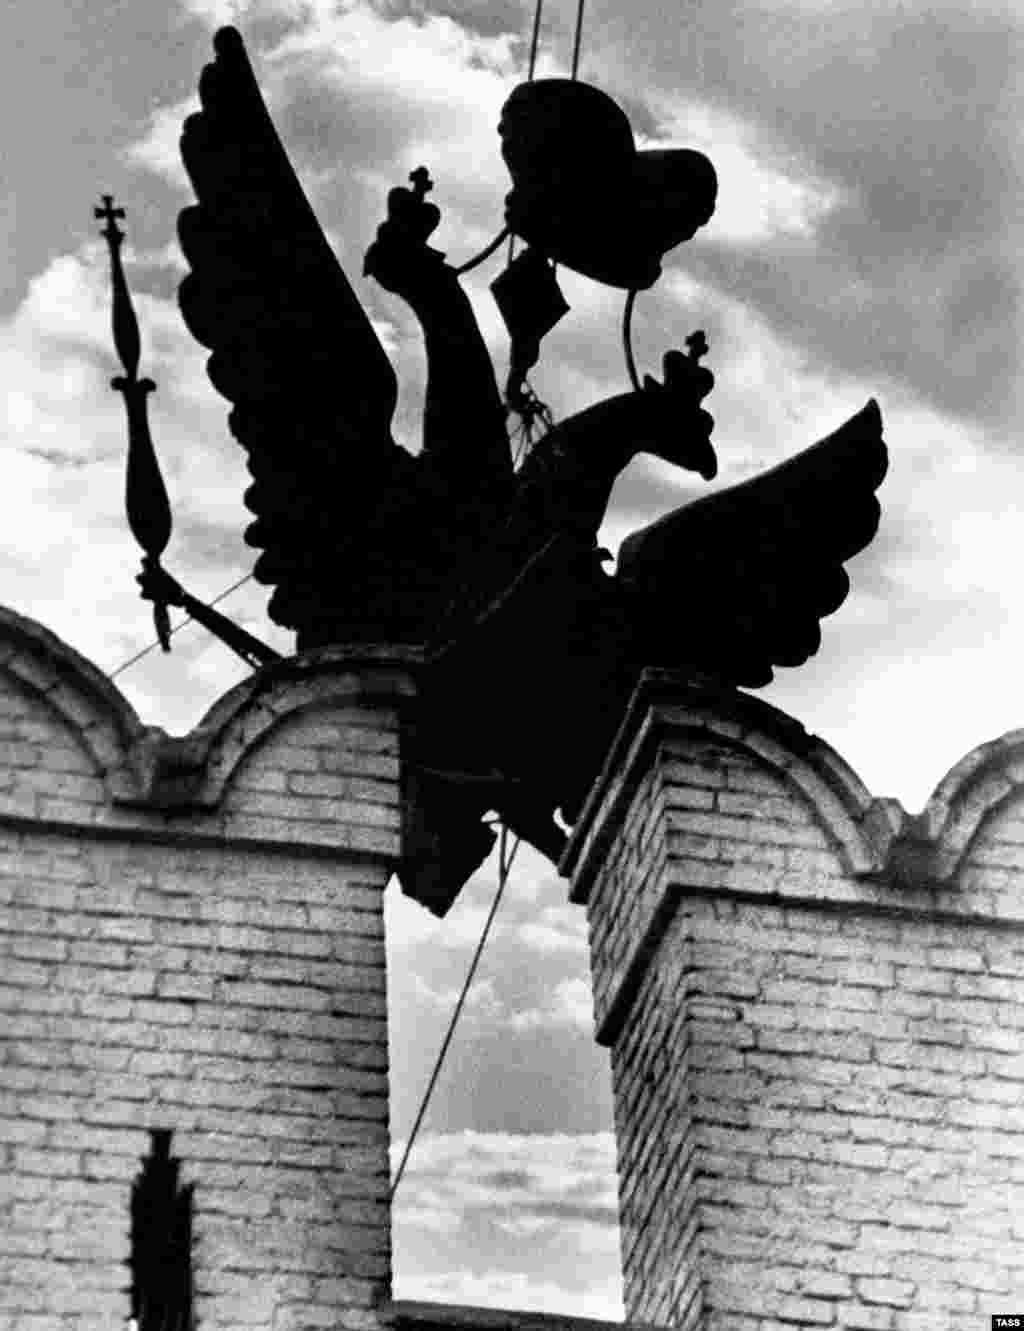 Царският двуглав орел е премахнат от арката на Кремъл след болшевишката революция. Орлите са заменени от комунистическите червени петолъчки, които са там и до днес.